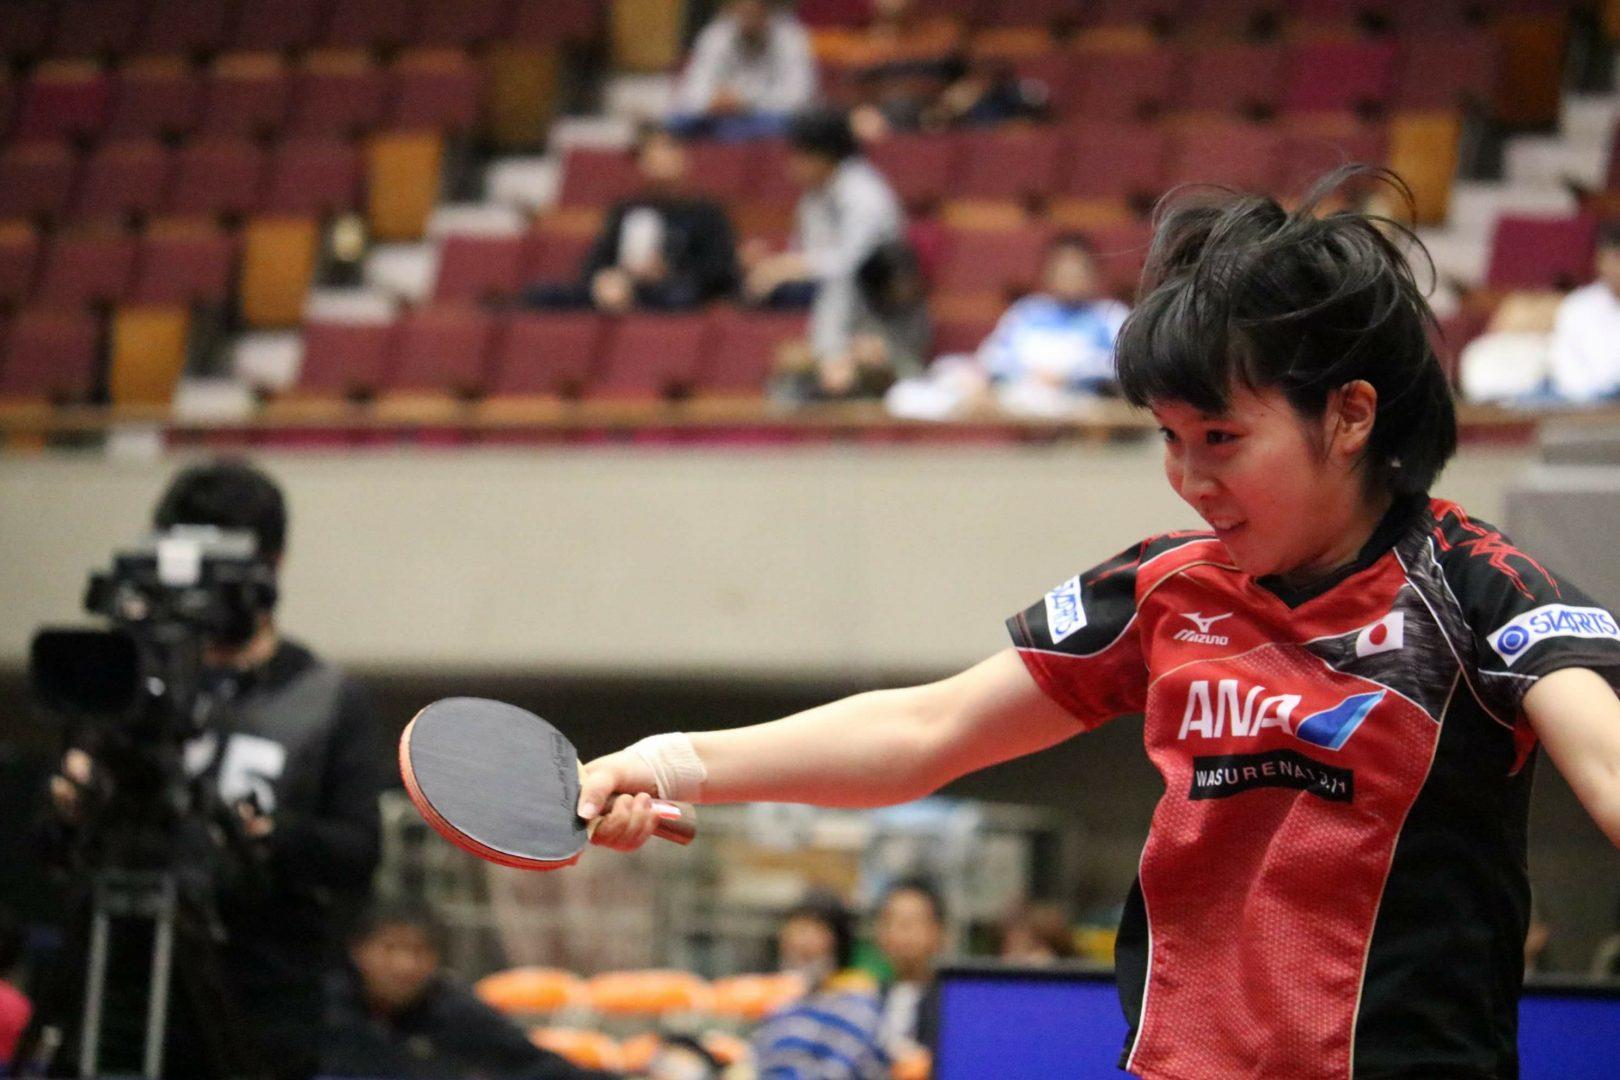 平野美宇、4連敗を喫した因縁の中国選手と31日対戦【卓球・ITTF中国オープン女子2日目の結果】